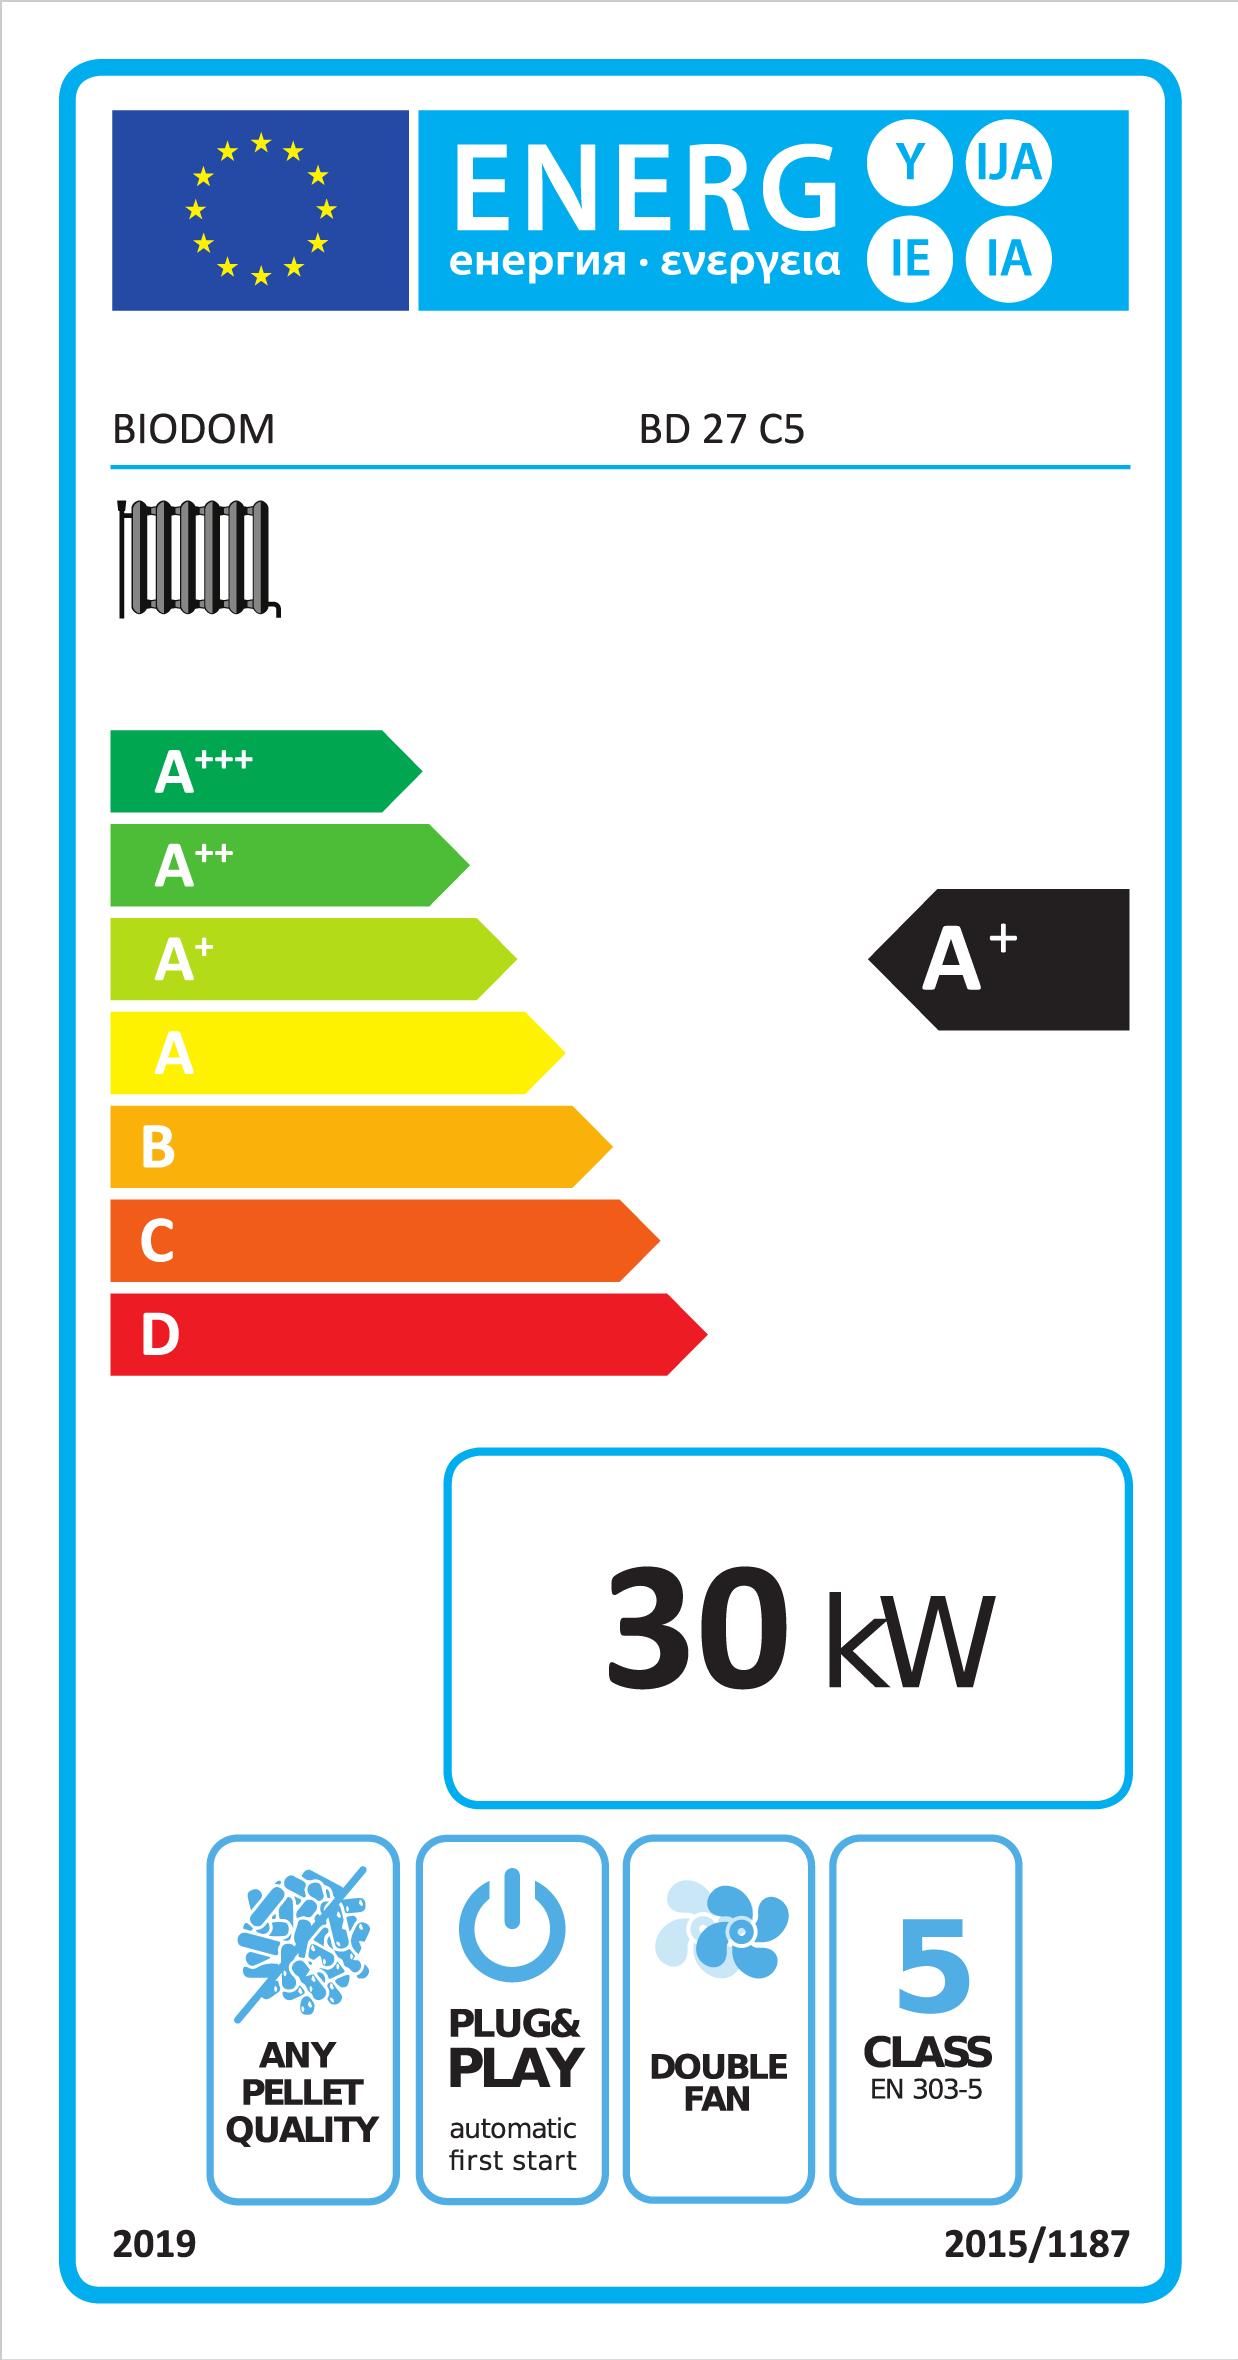 Energielabel A+ voor Biodom 27C5 met 30 kW